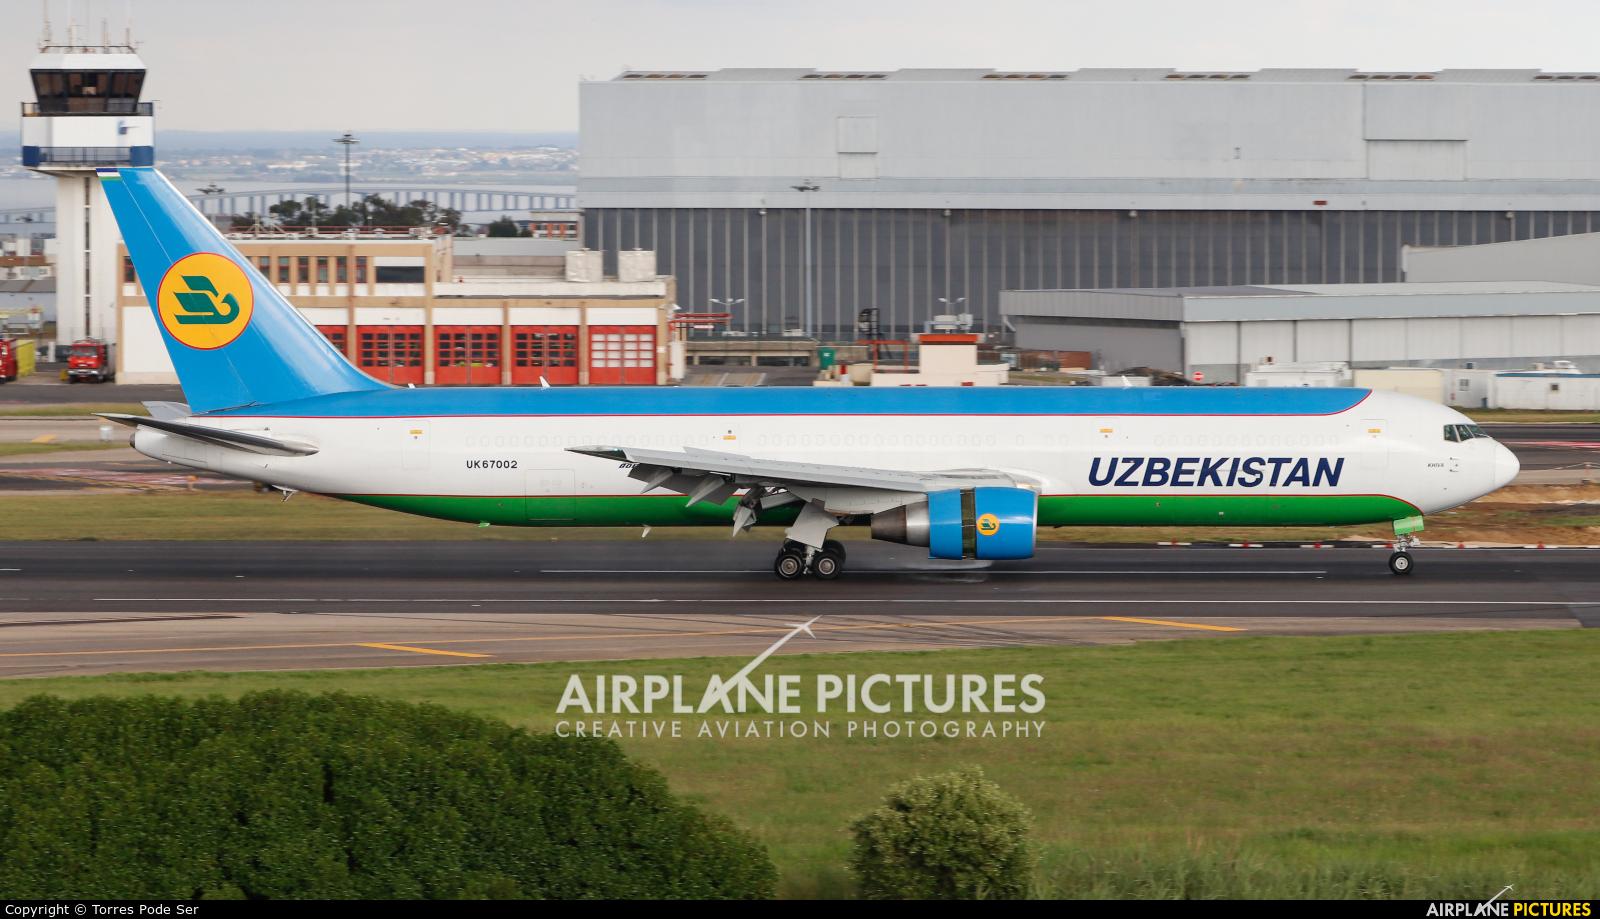 Uzbekistan Airways UK67002 aircraft at Lisbon